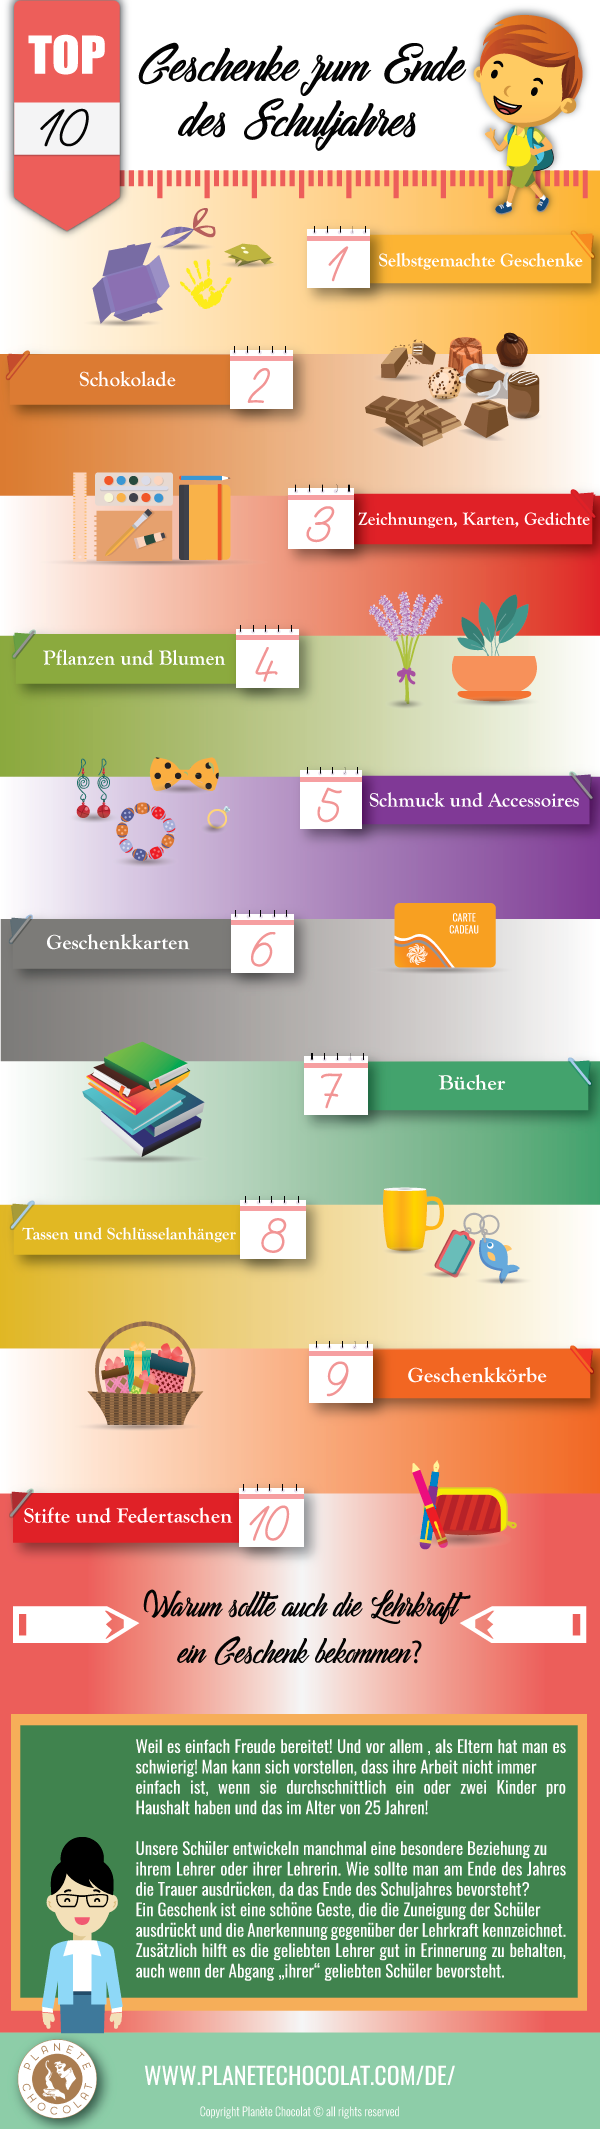 top-10-cadeaux-a-offrir-en-fin-dannee-scolaire-allemand.png